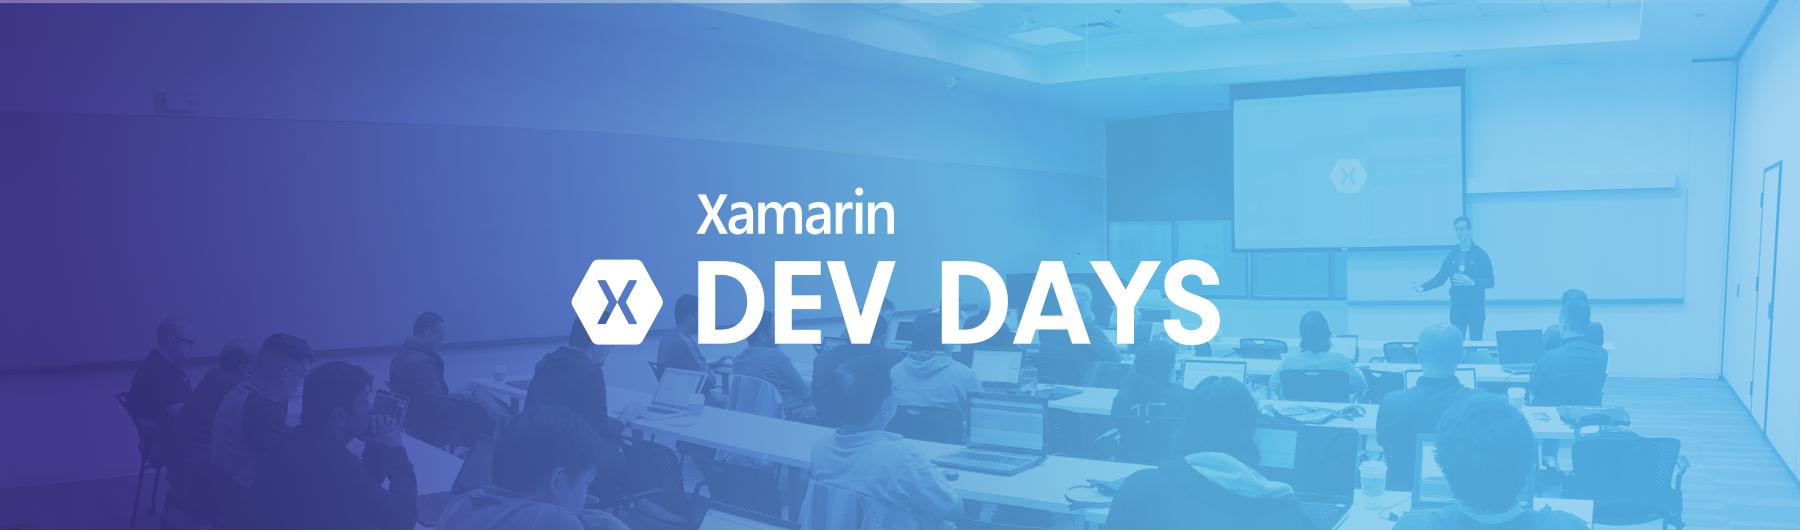 Xamarin Dev Days - Lisbon